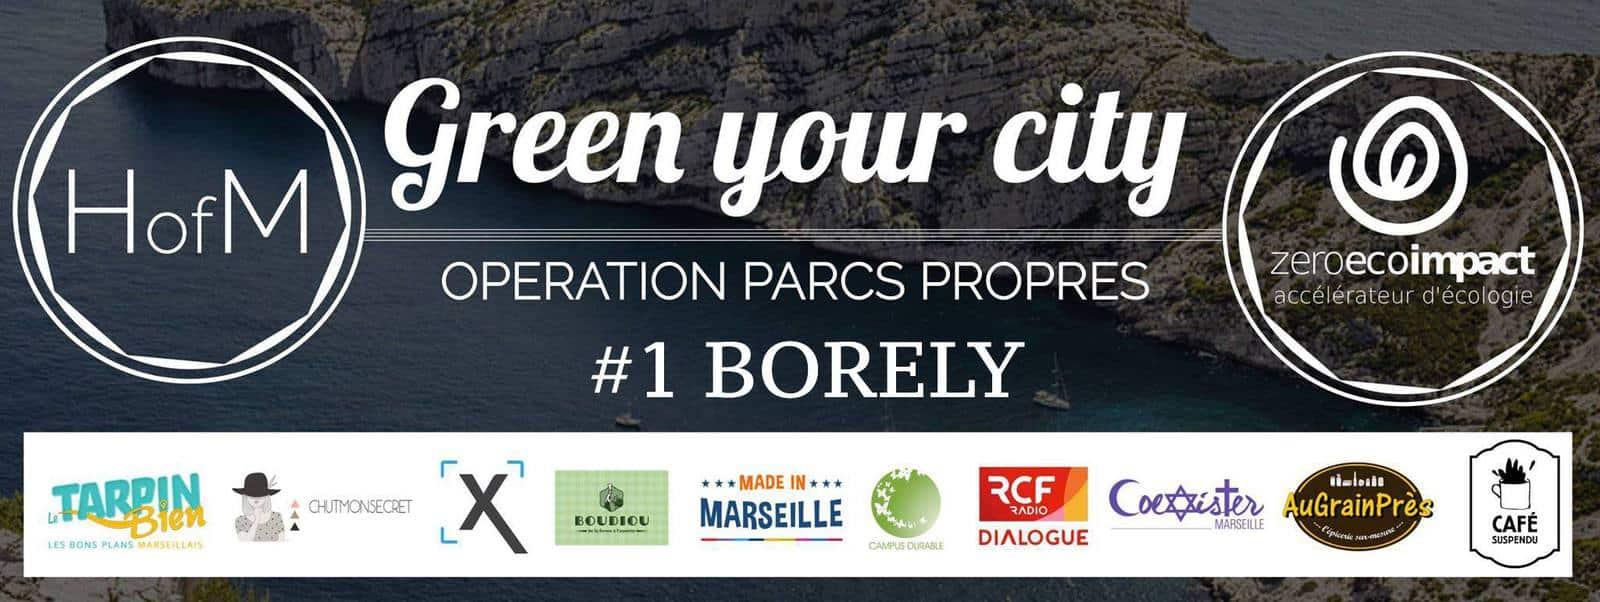 green-your-city-ramssage-dechet